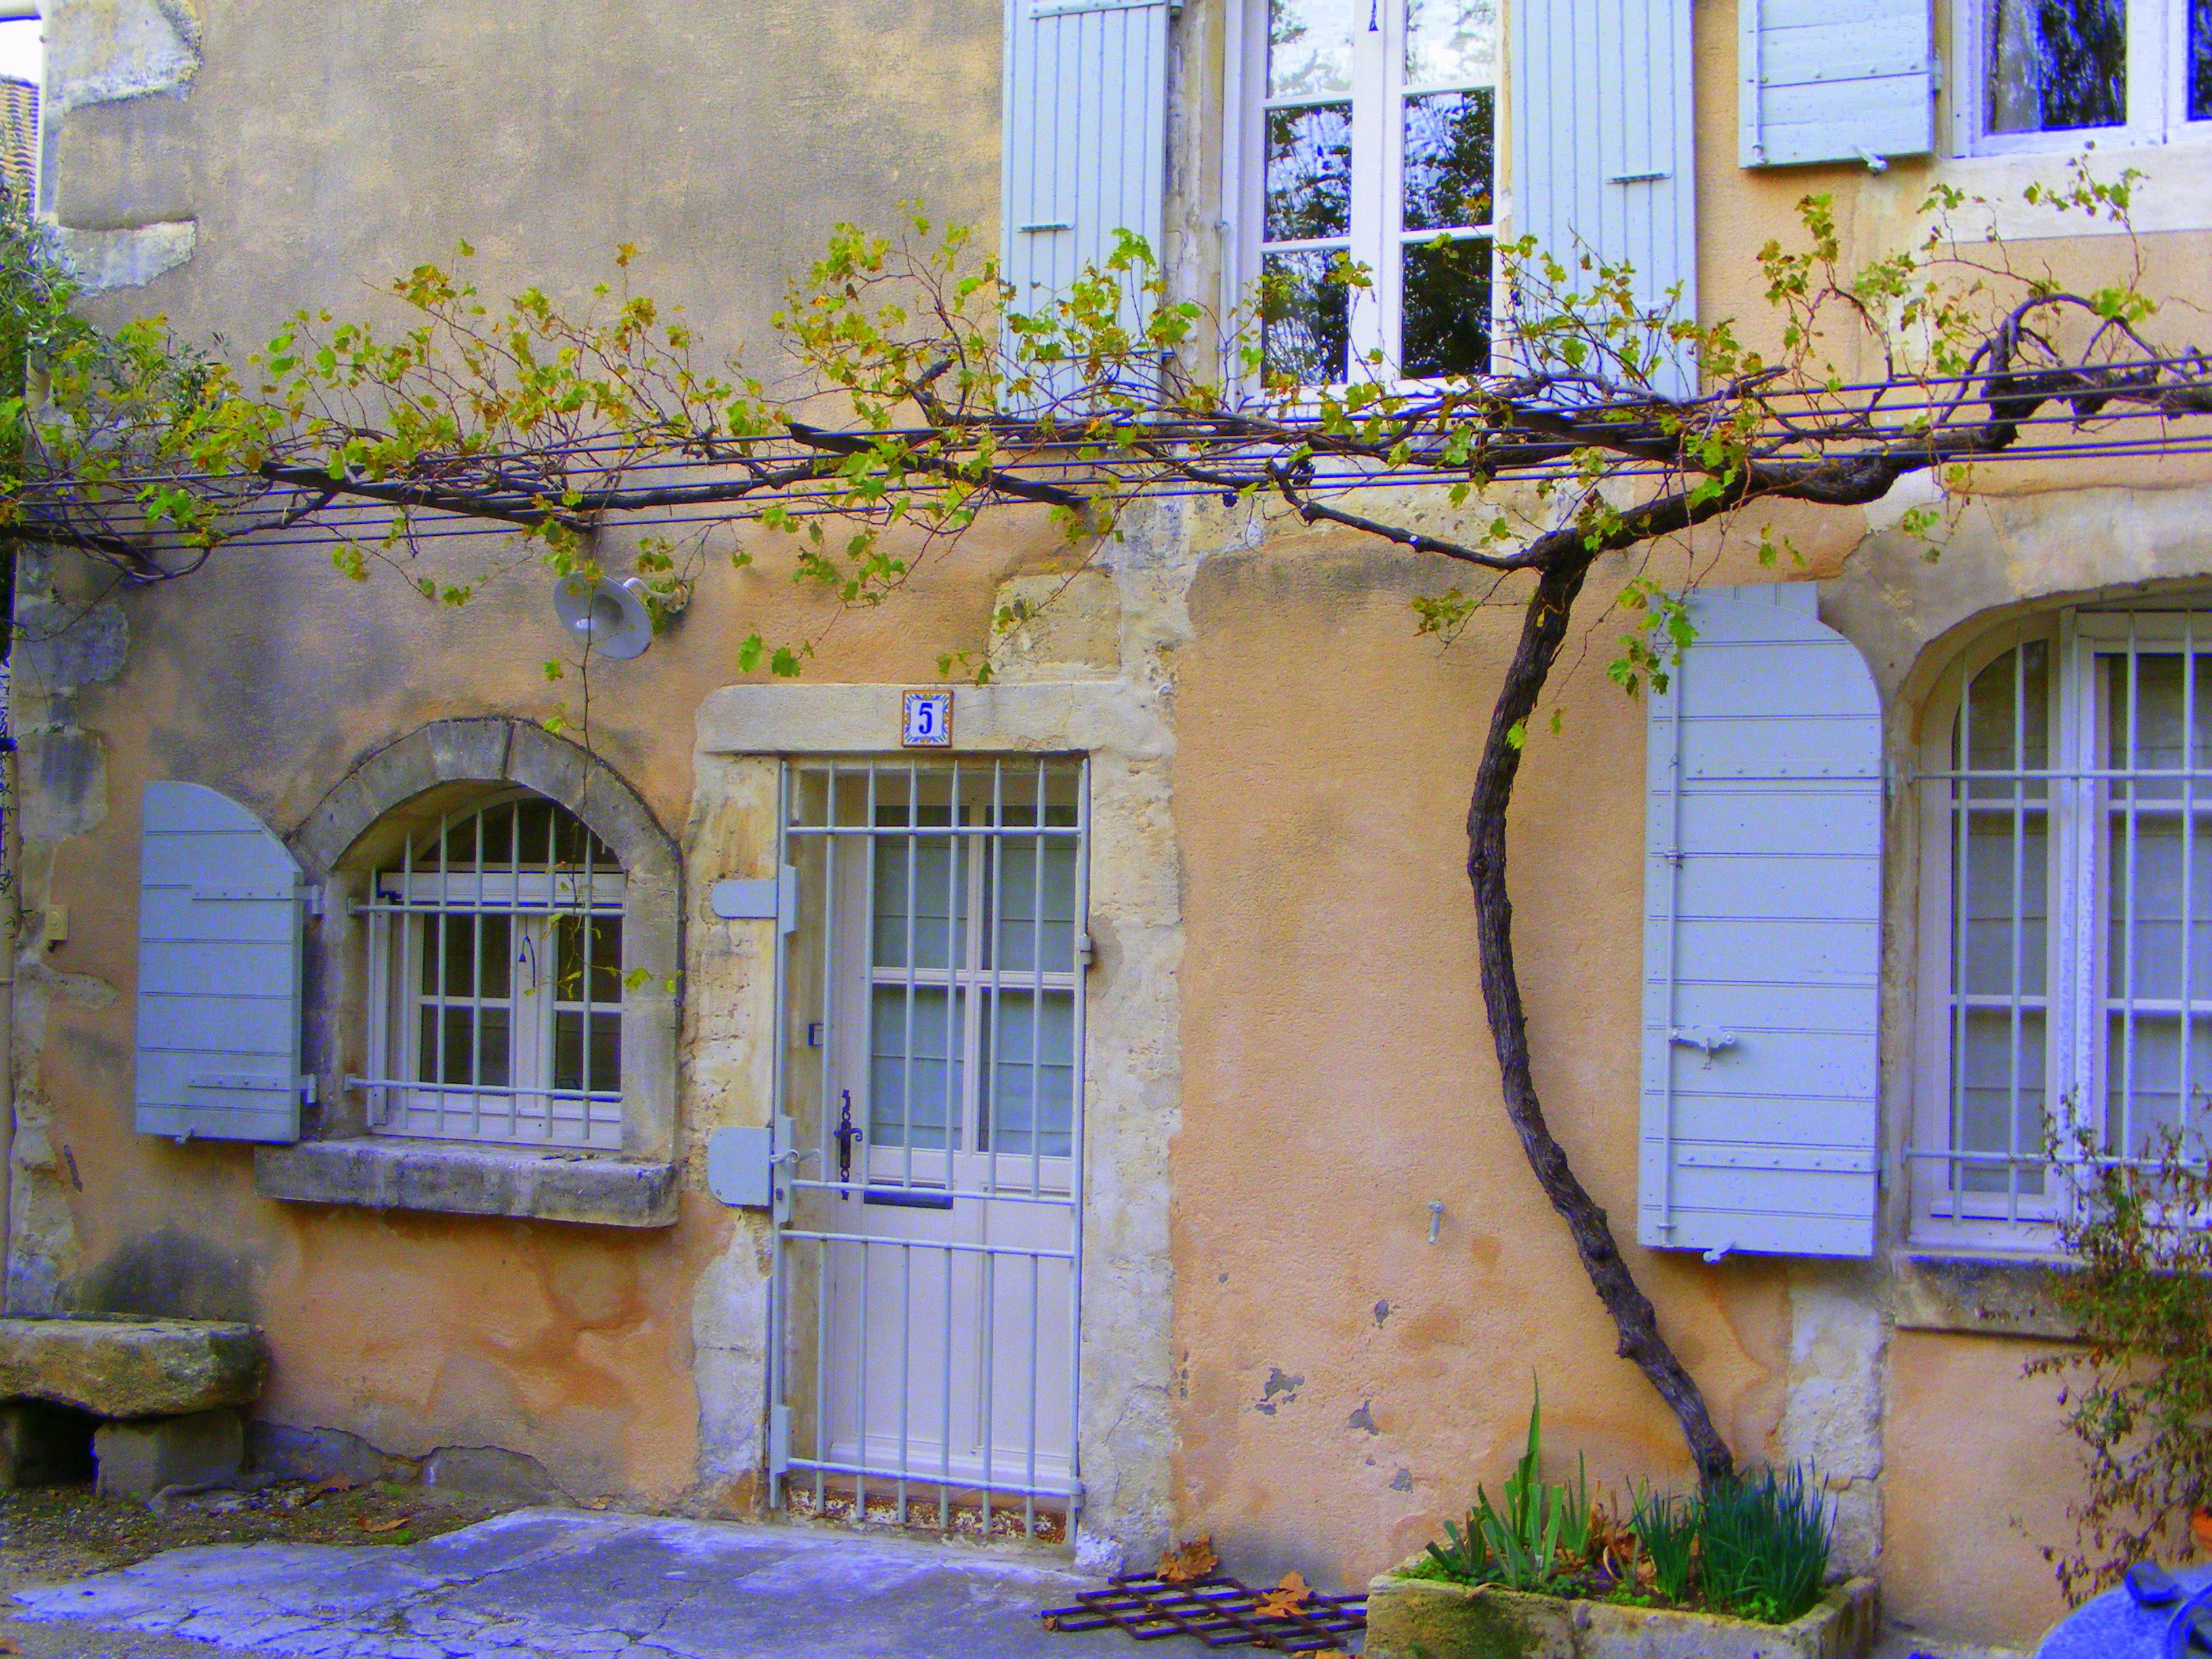 Le vieux maussane office de tourisme maussane les - Office de tourisme maussane les alpilles ...